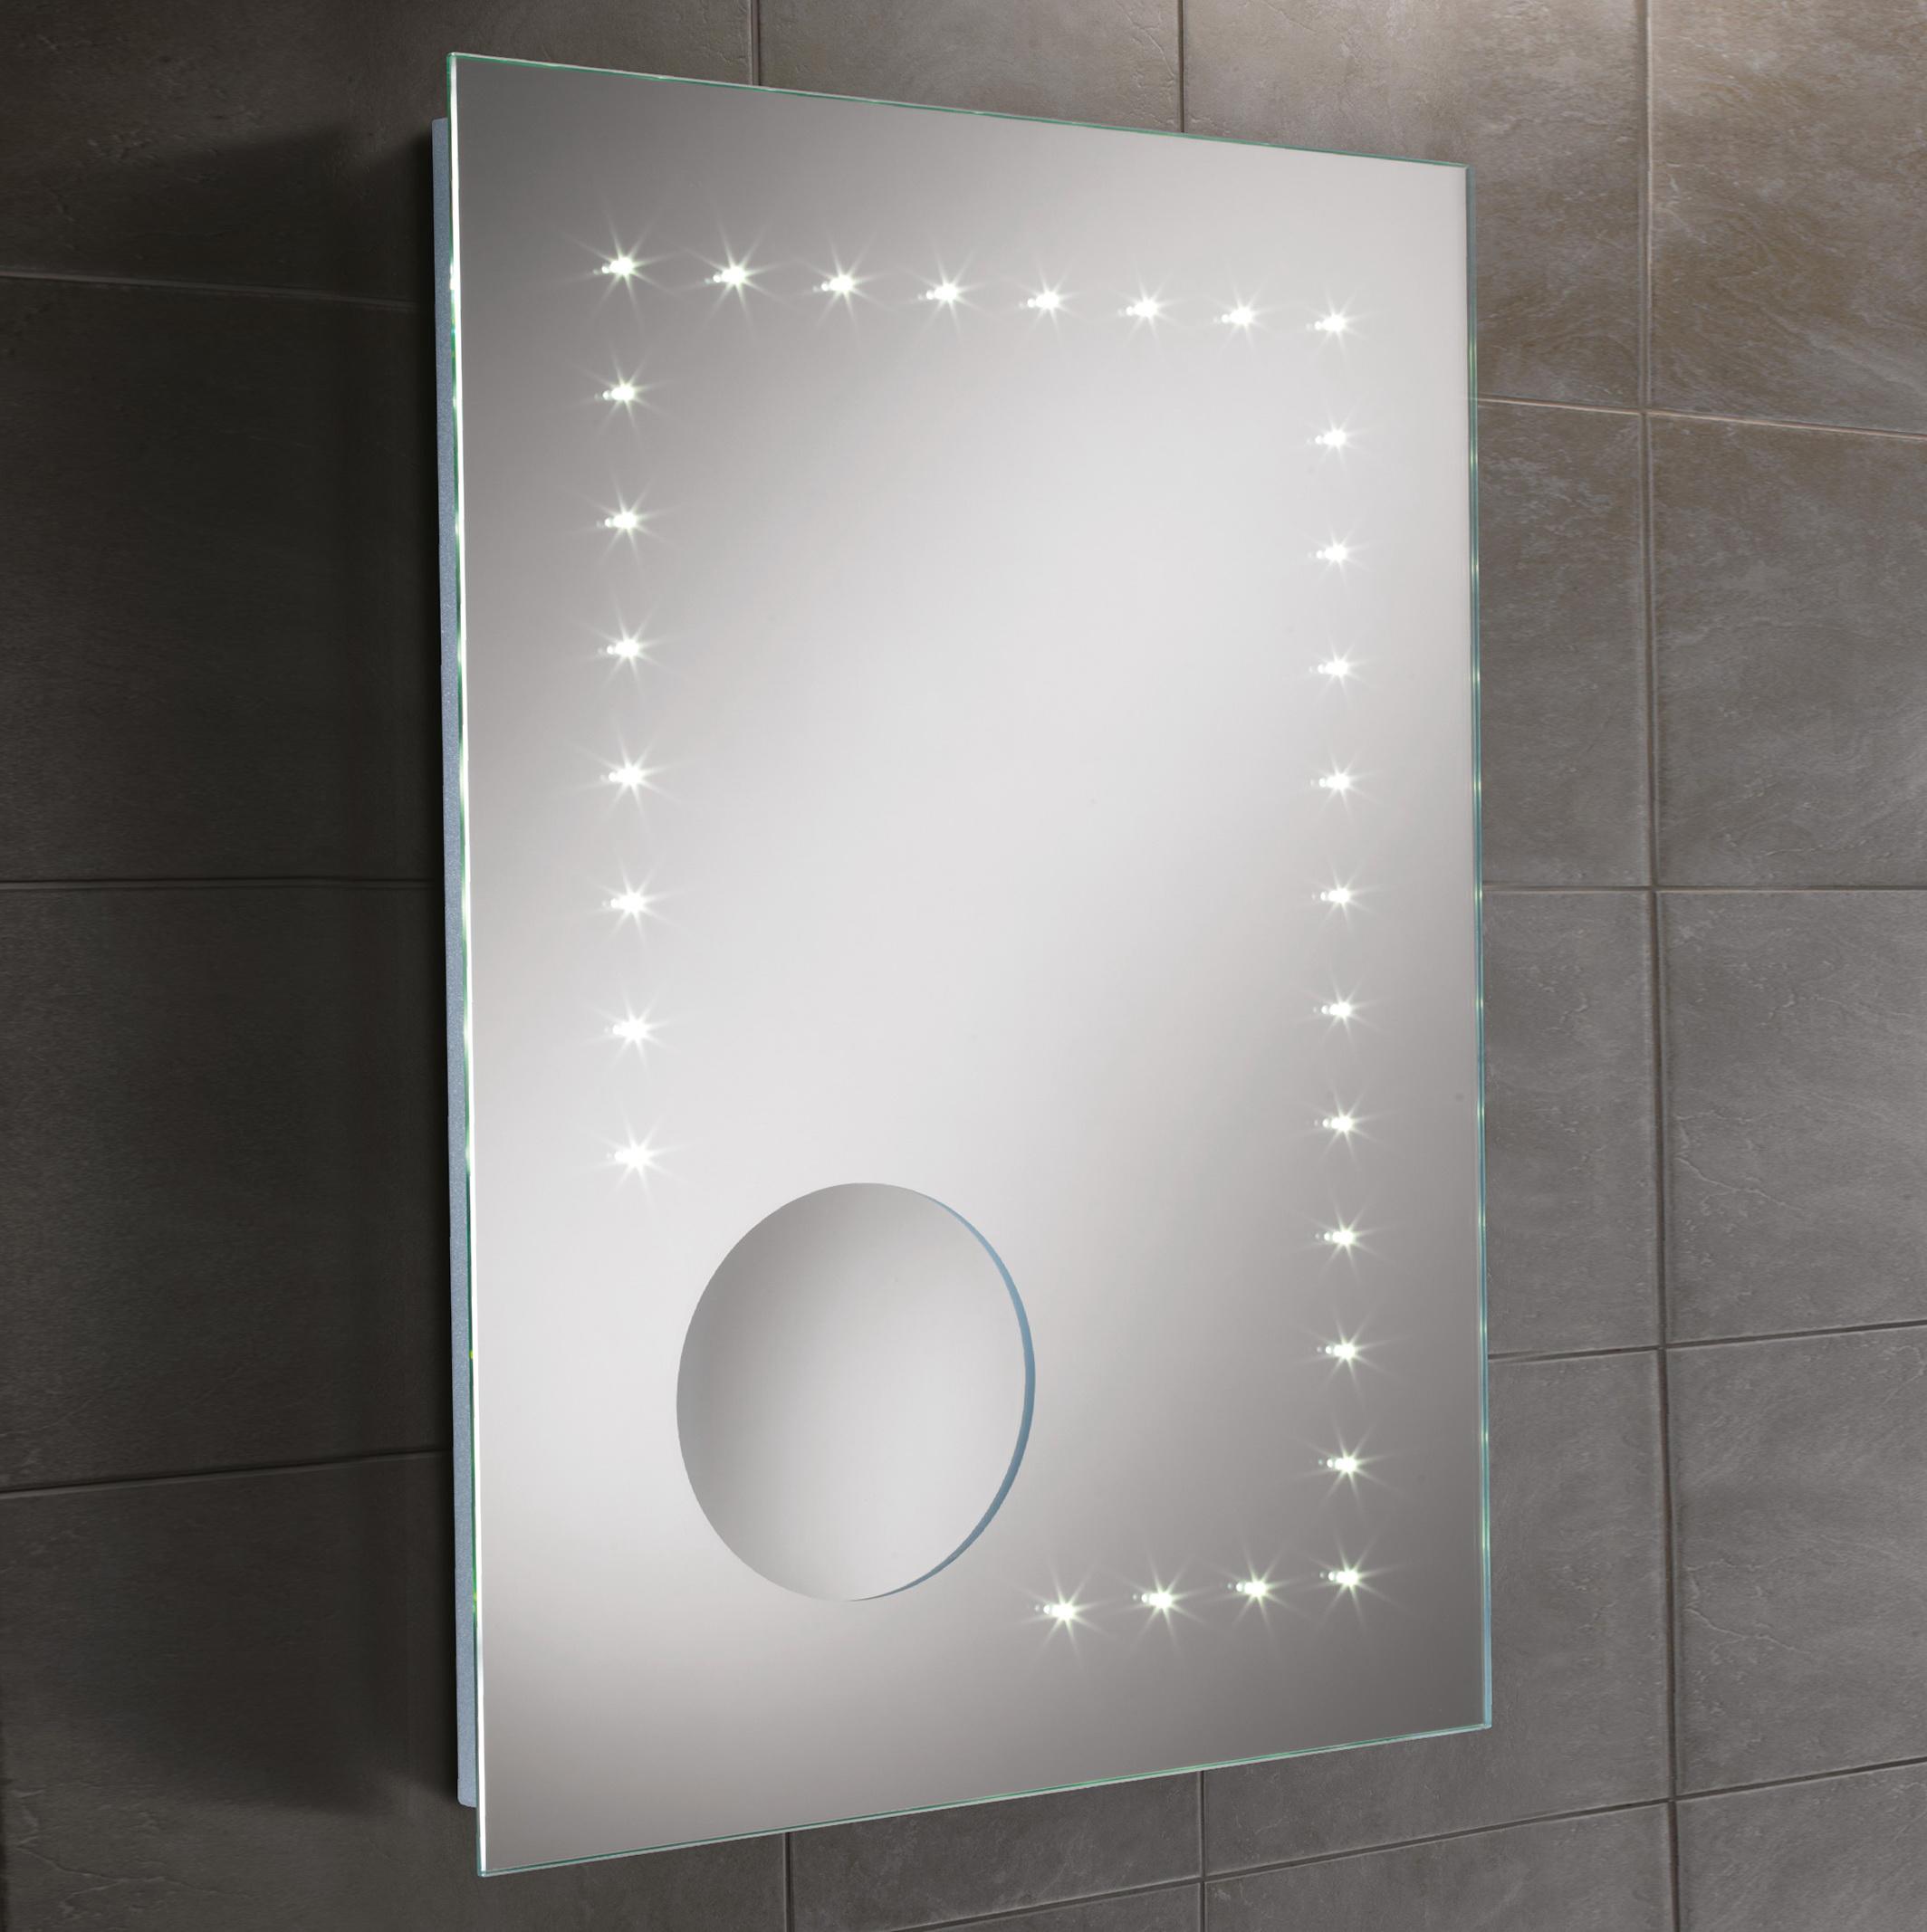 Lighted Bathroom Mirrors Uk